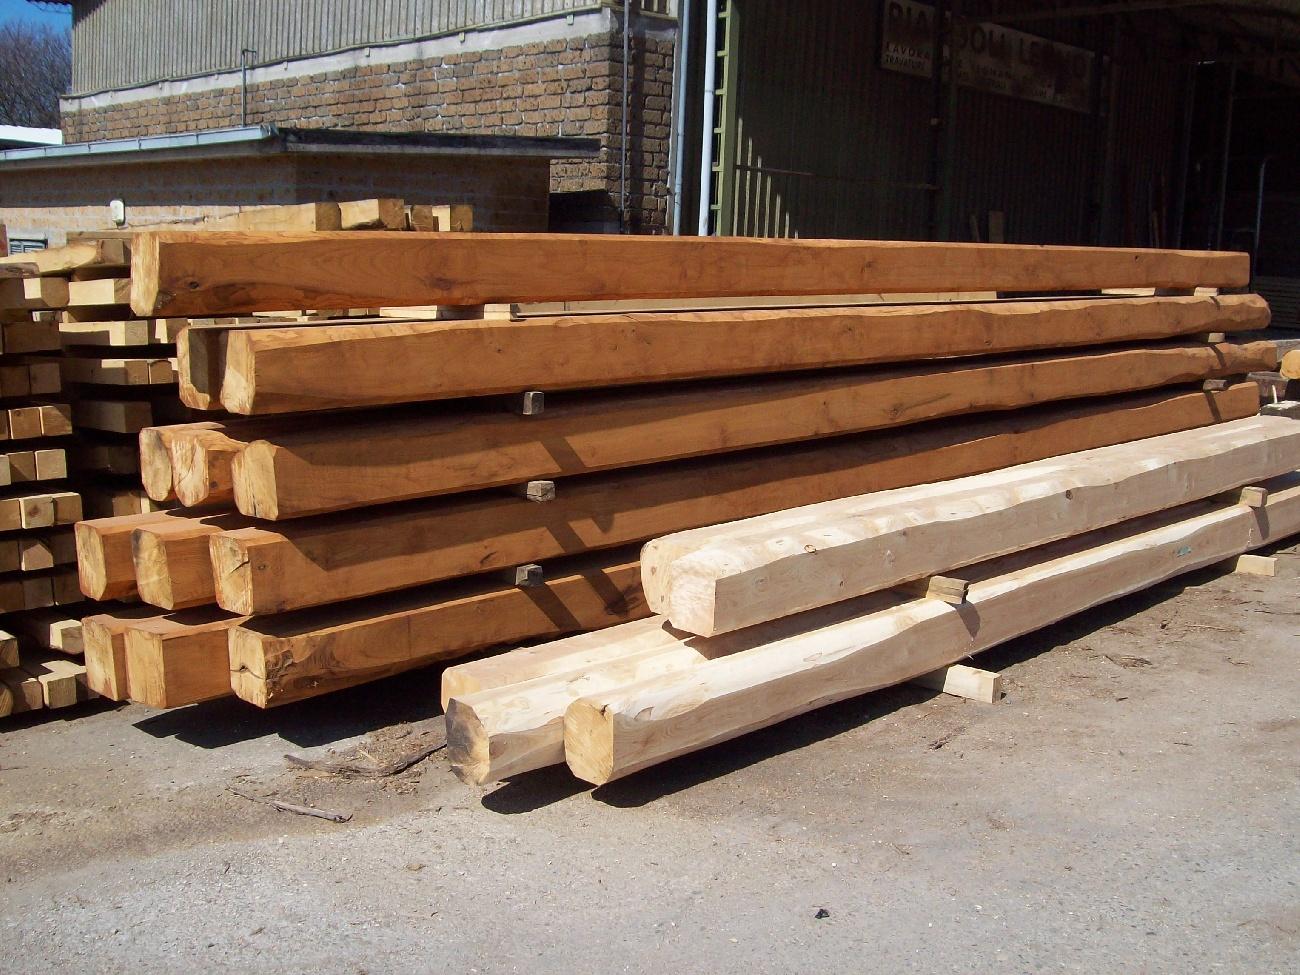 Vendita travi in legno - Vendita tavole di legno ...